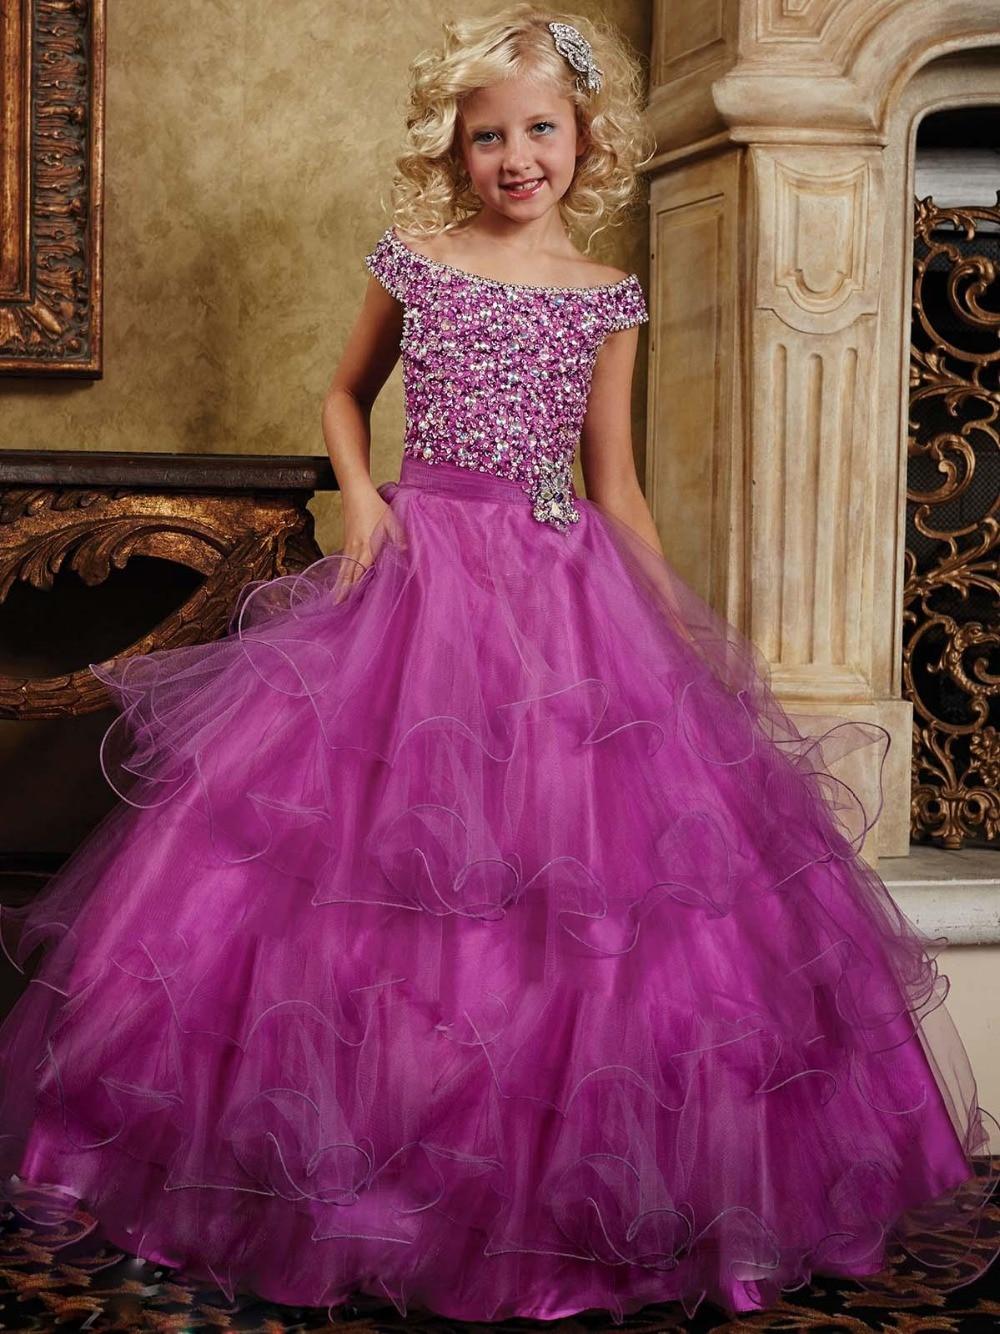 Increíble Vestidos De Princesa Para Prom Embellecimiento - Vestido ...